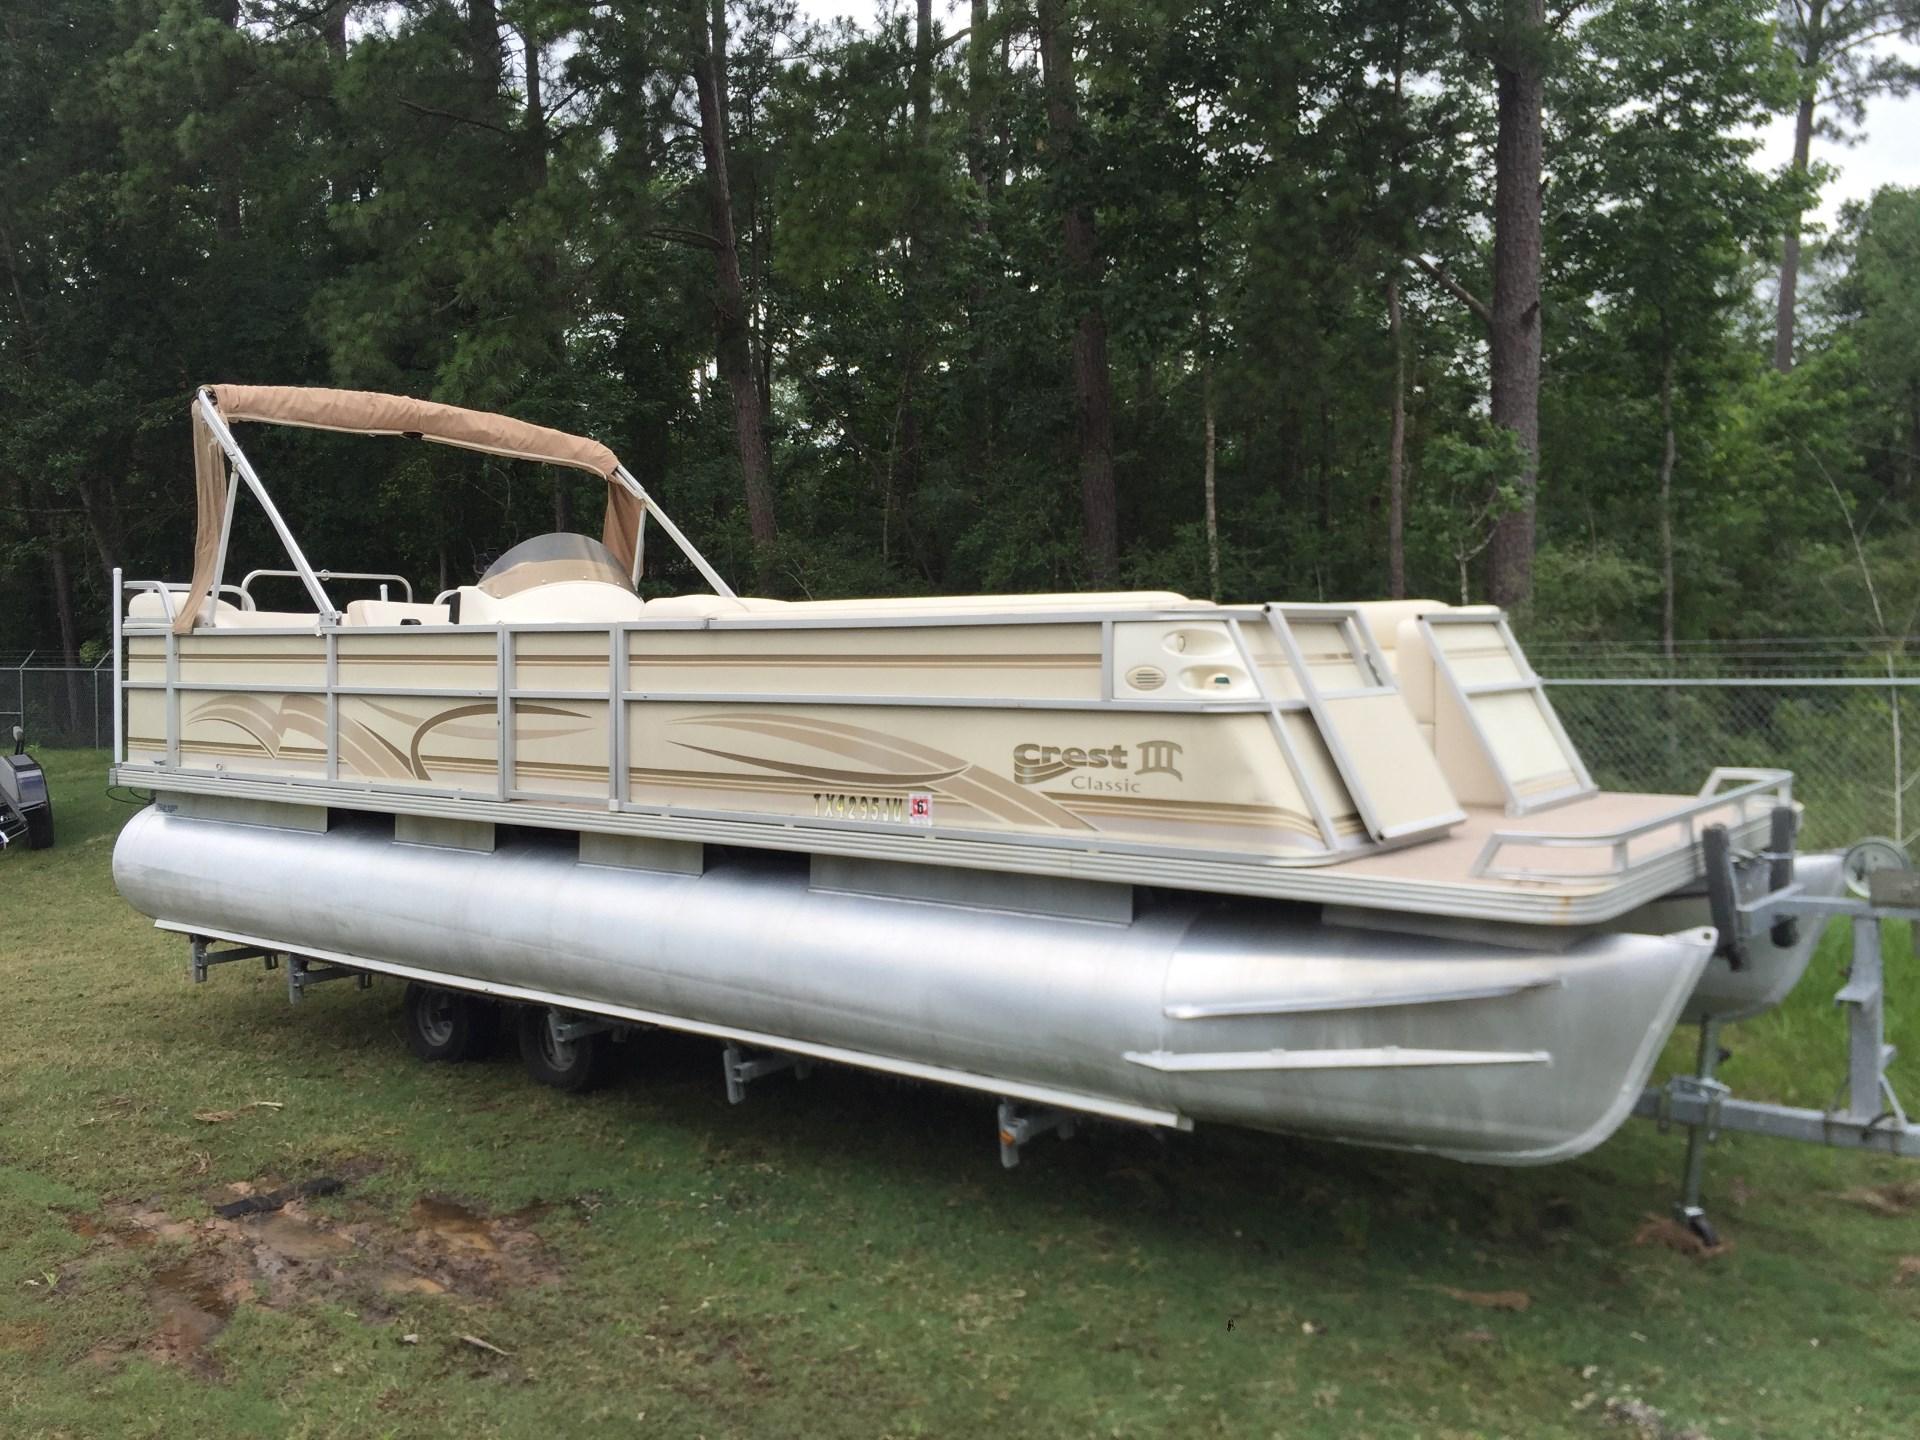 Crest Pontoon Boats III Classic